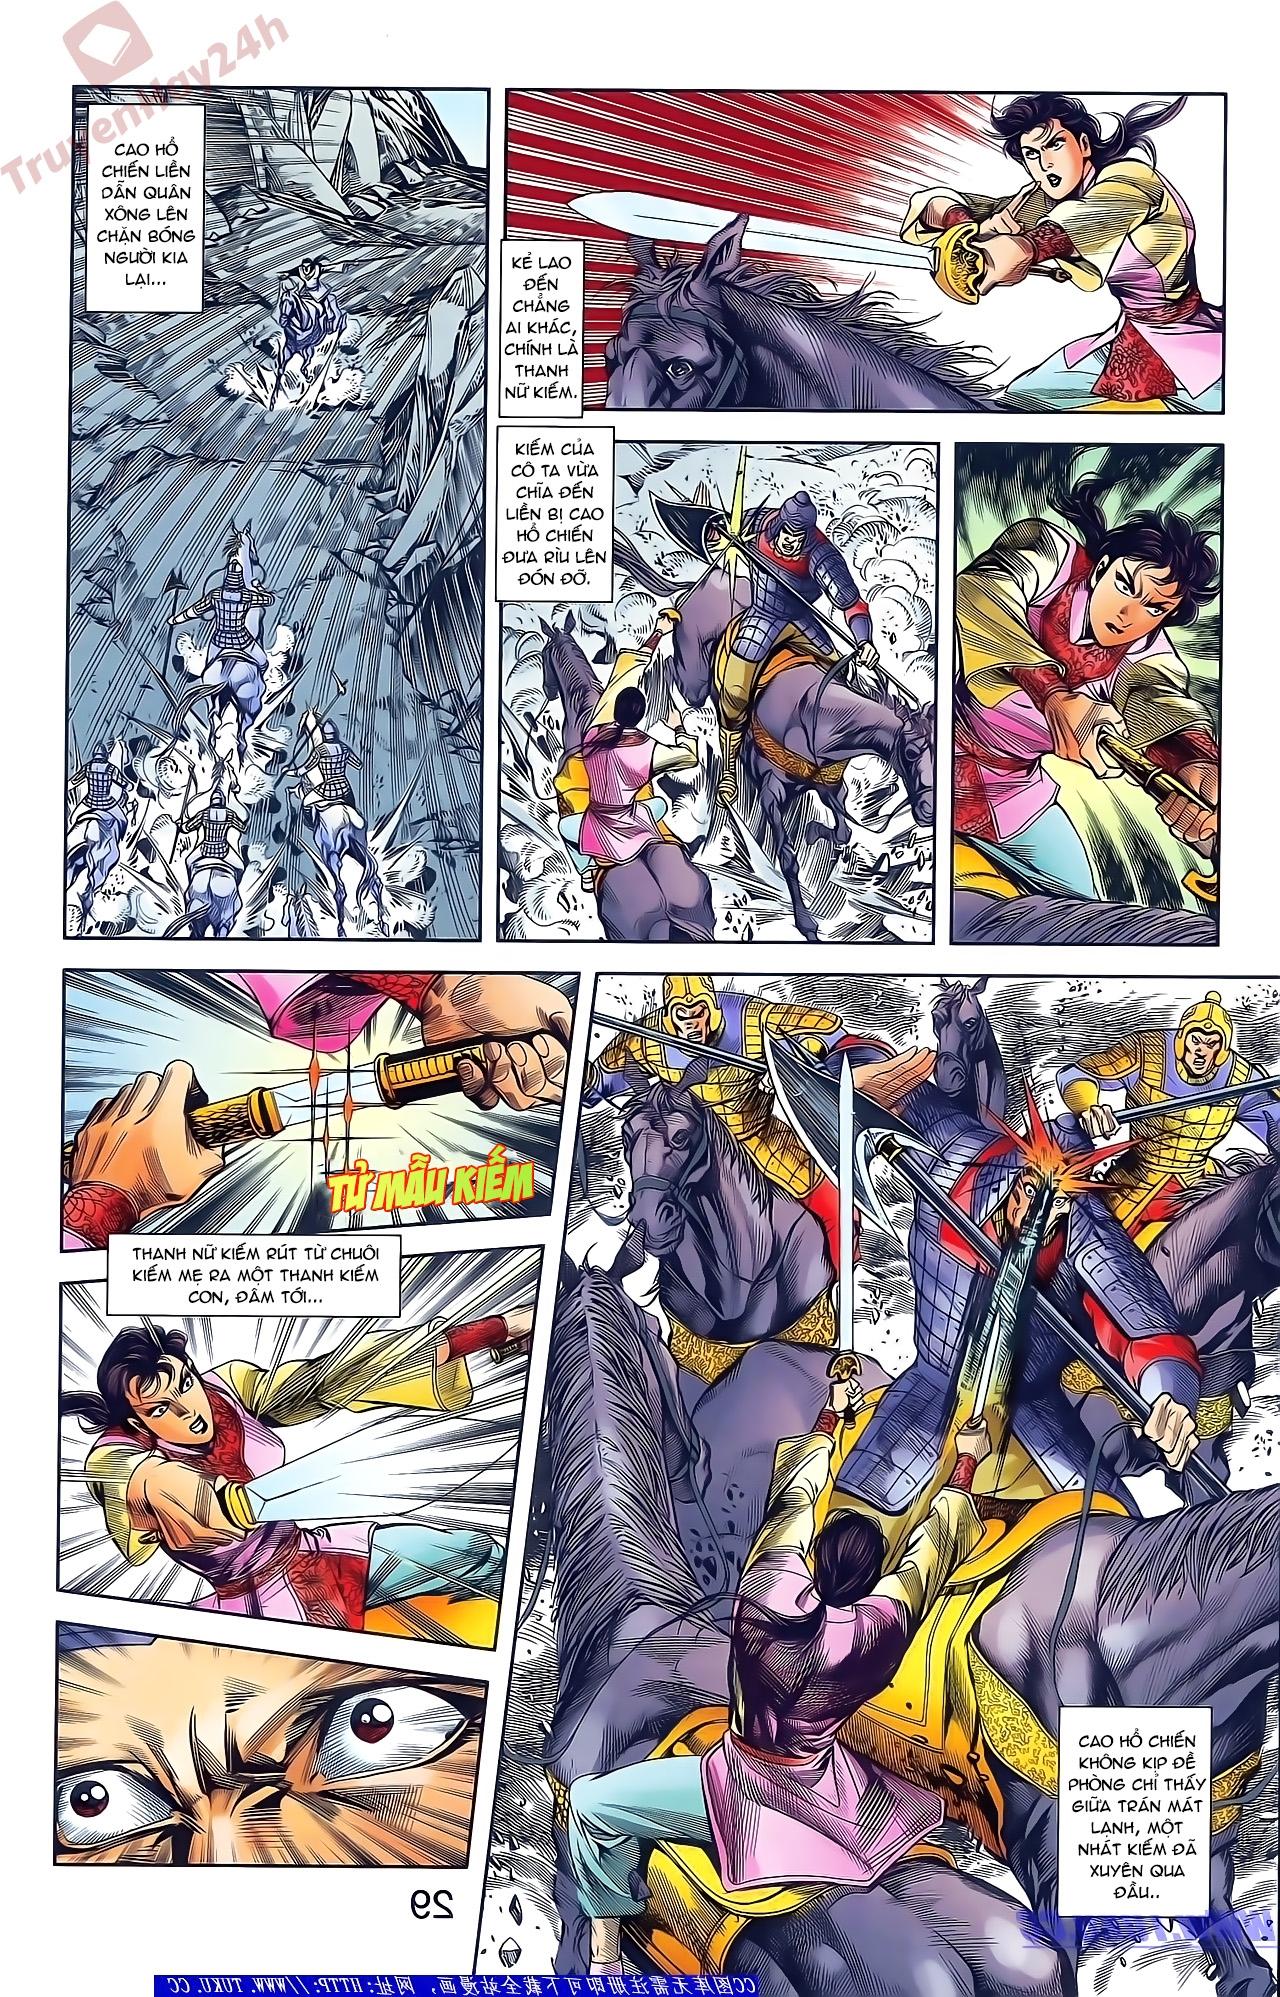 Tần Vương Doanh Chính chapter 48 trang 15